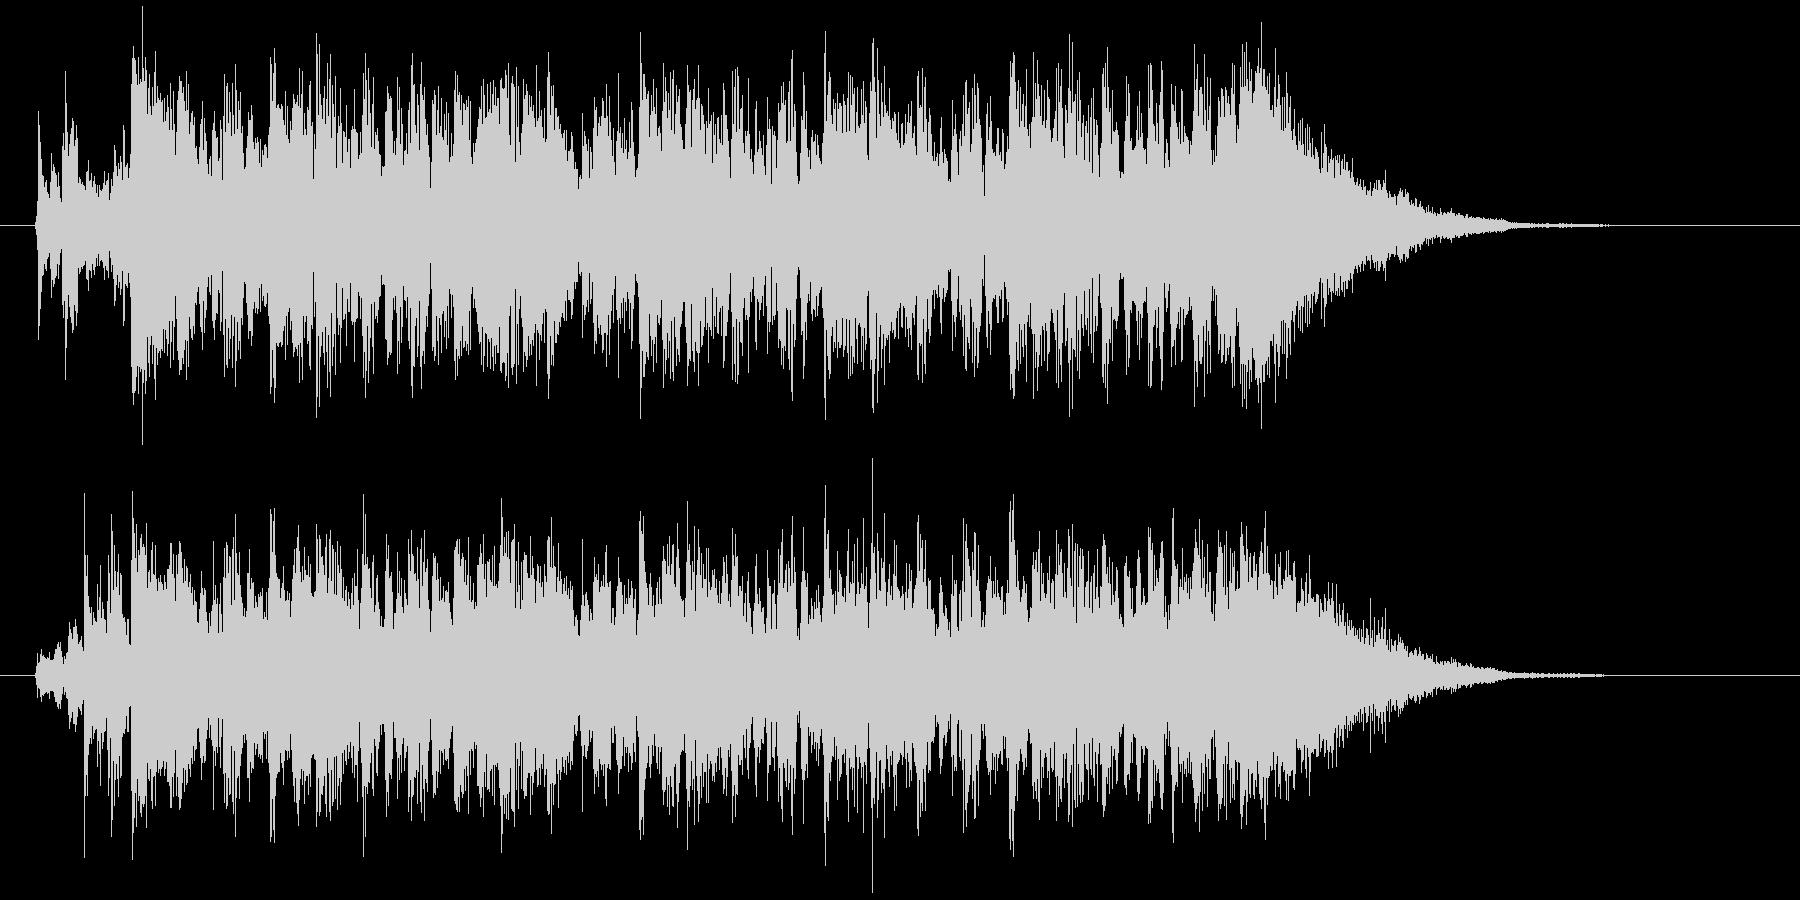 切なくピアノが印象的なBGMの未再生の波形